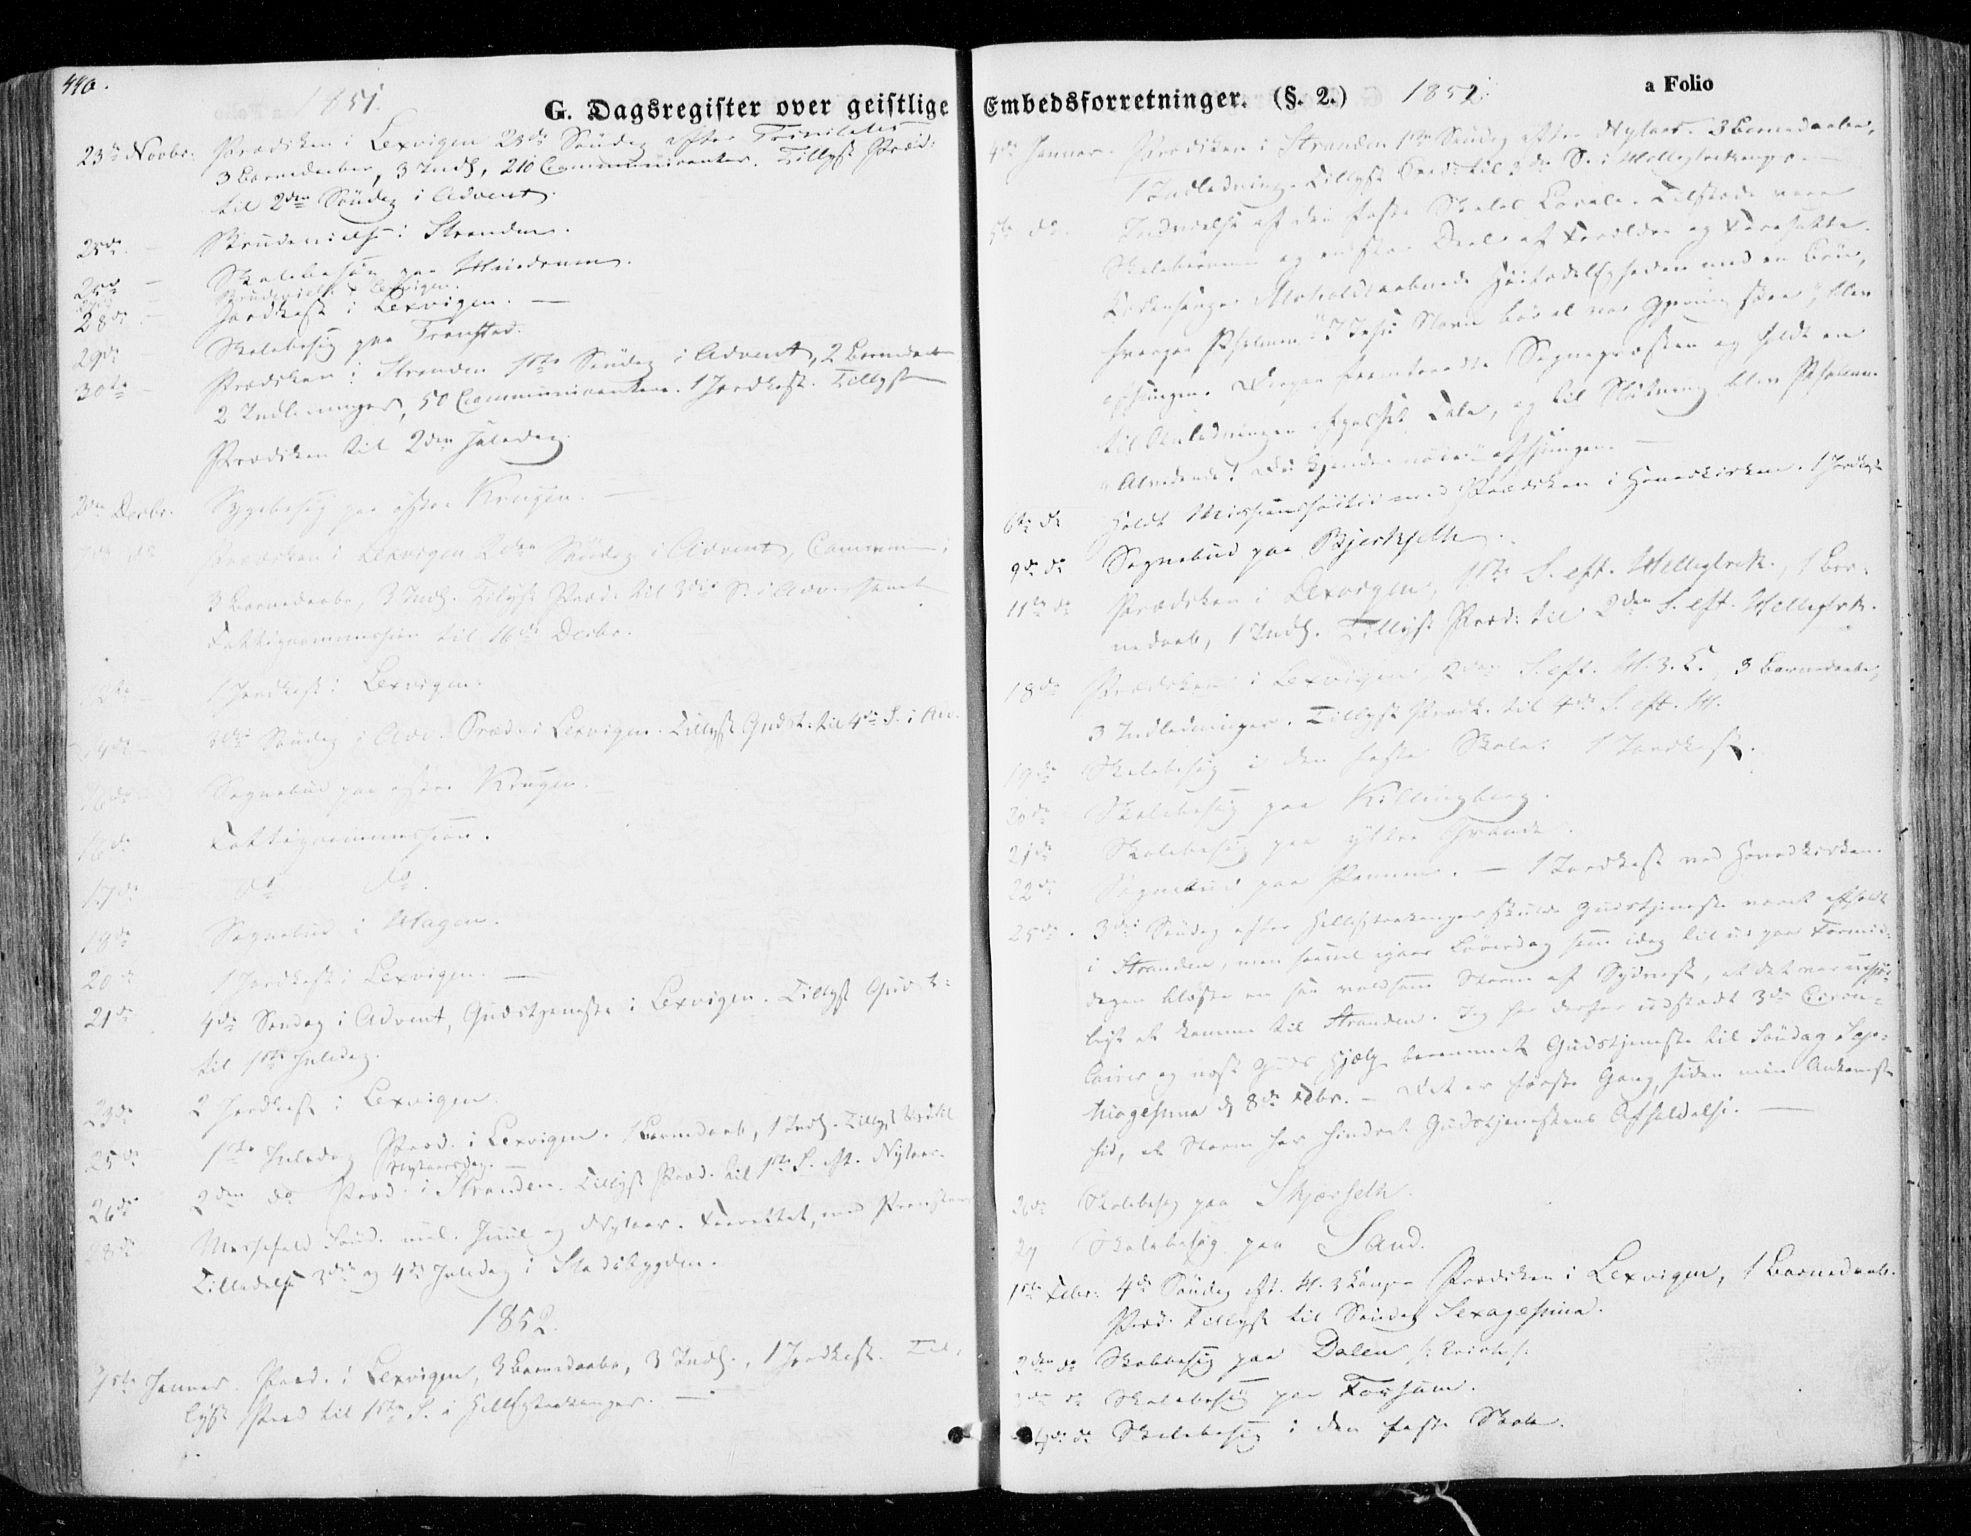 SAT, Ministerialprotokoller, klokkerbøker og fødselsregistre - Nord-Trøndelag, 701/L0007: Parish register (official) no. 701A07 /1, 1842-1854, p. 440